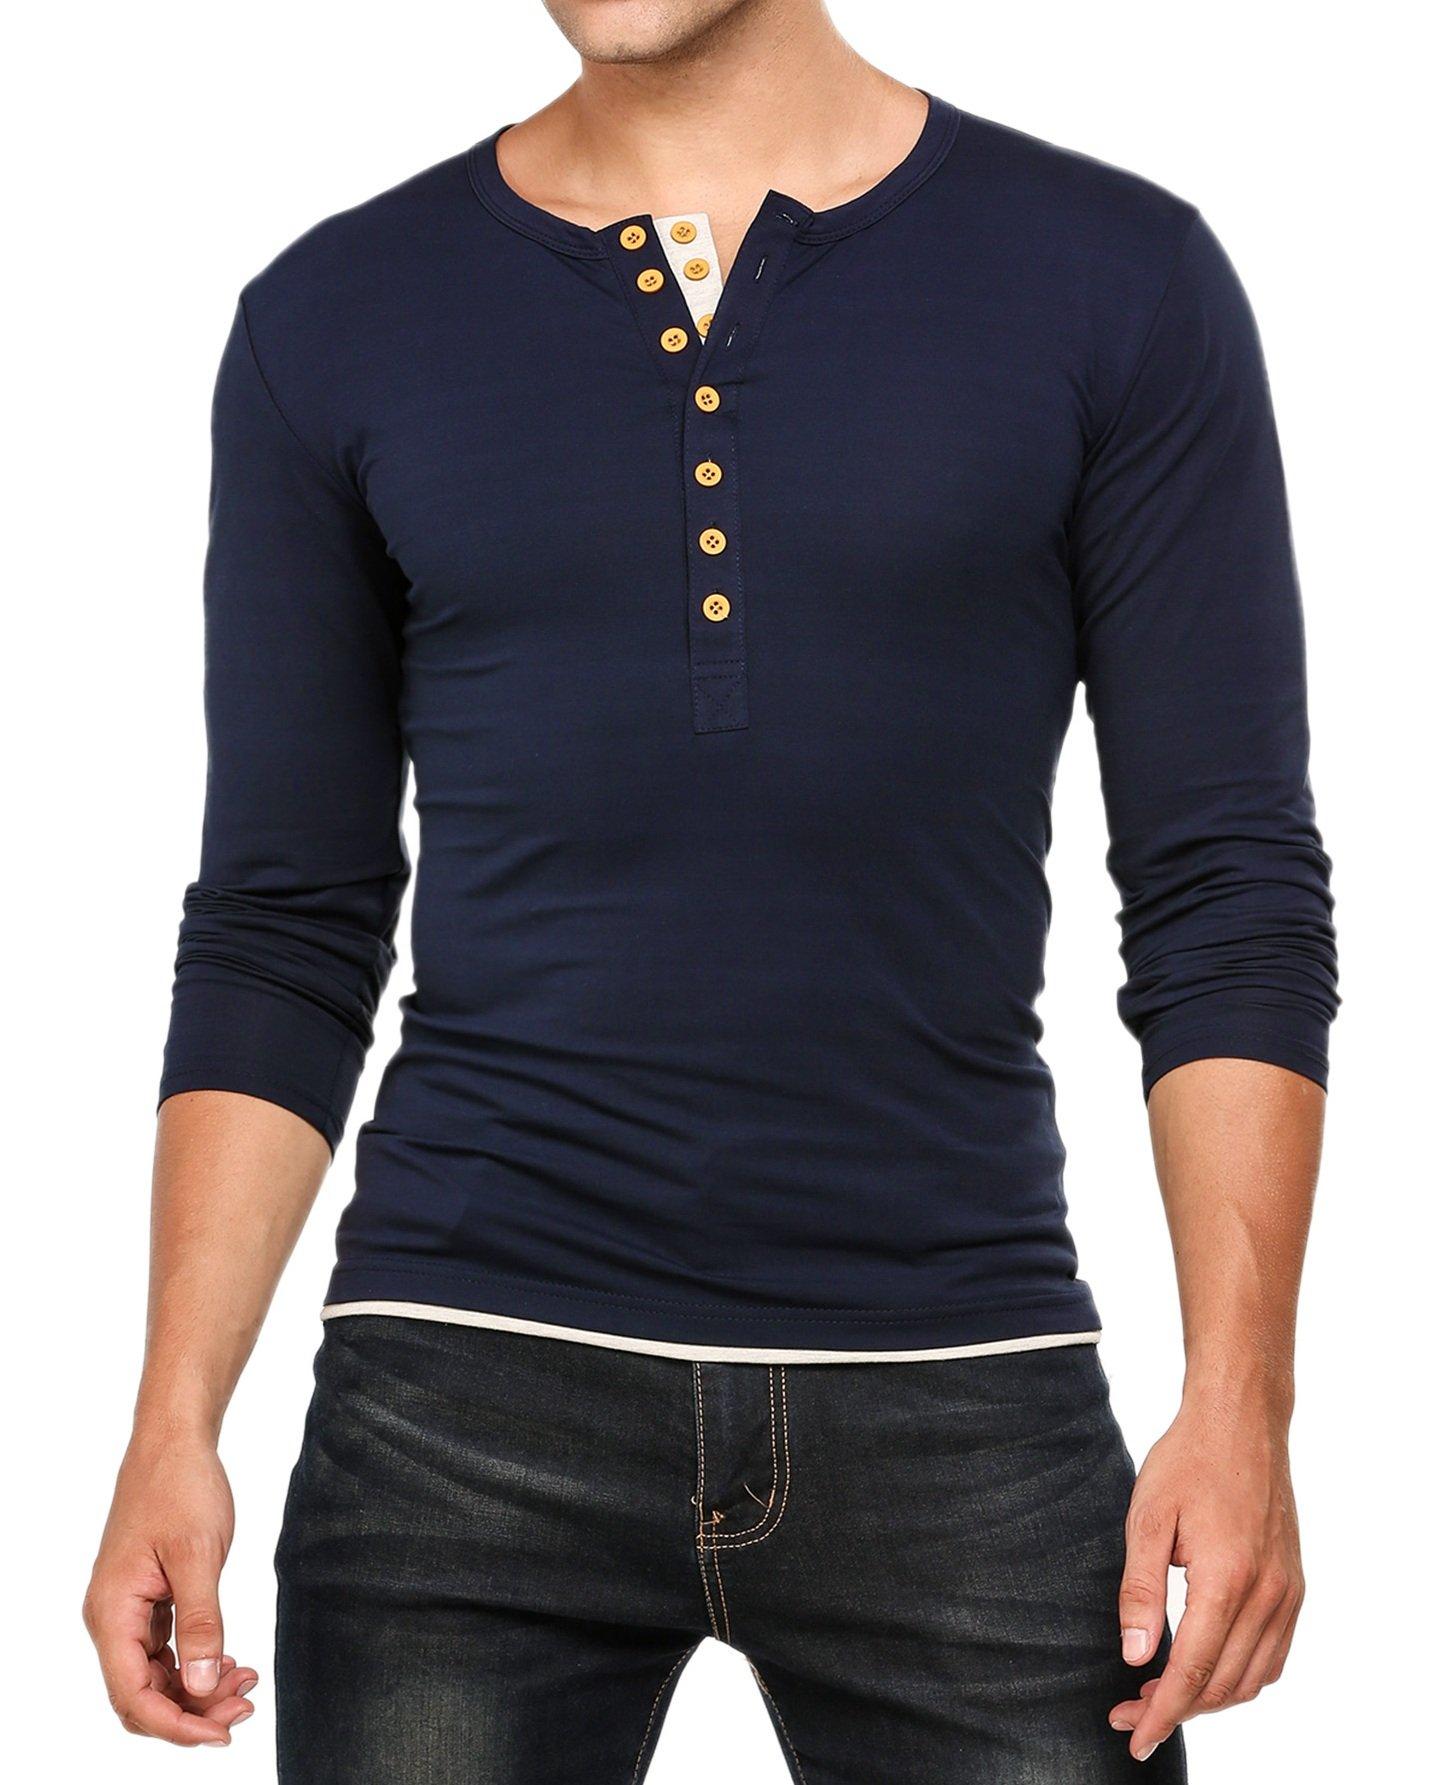 HOTOUCH Mens Henley Jersey Shirt Long Sleeve Navy Blue M